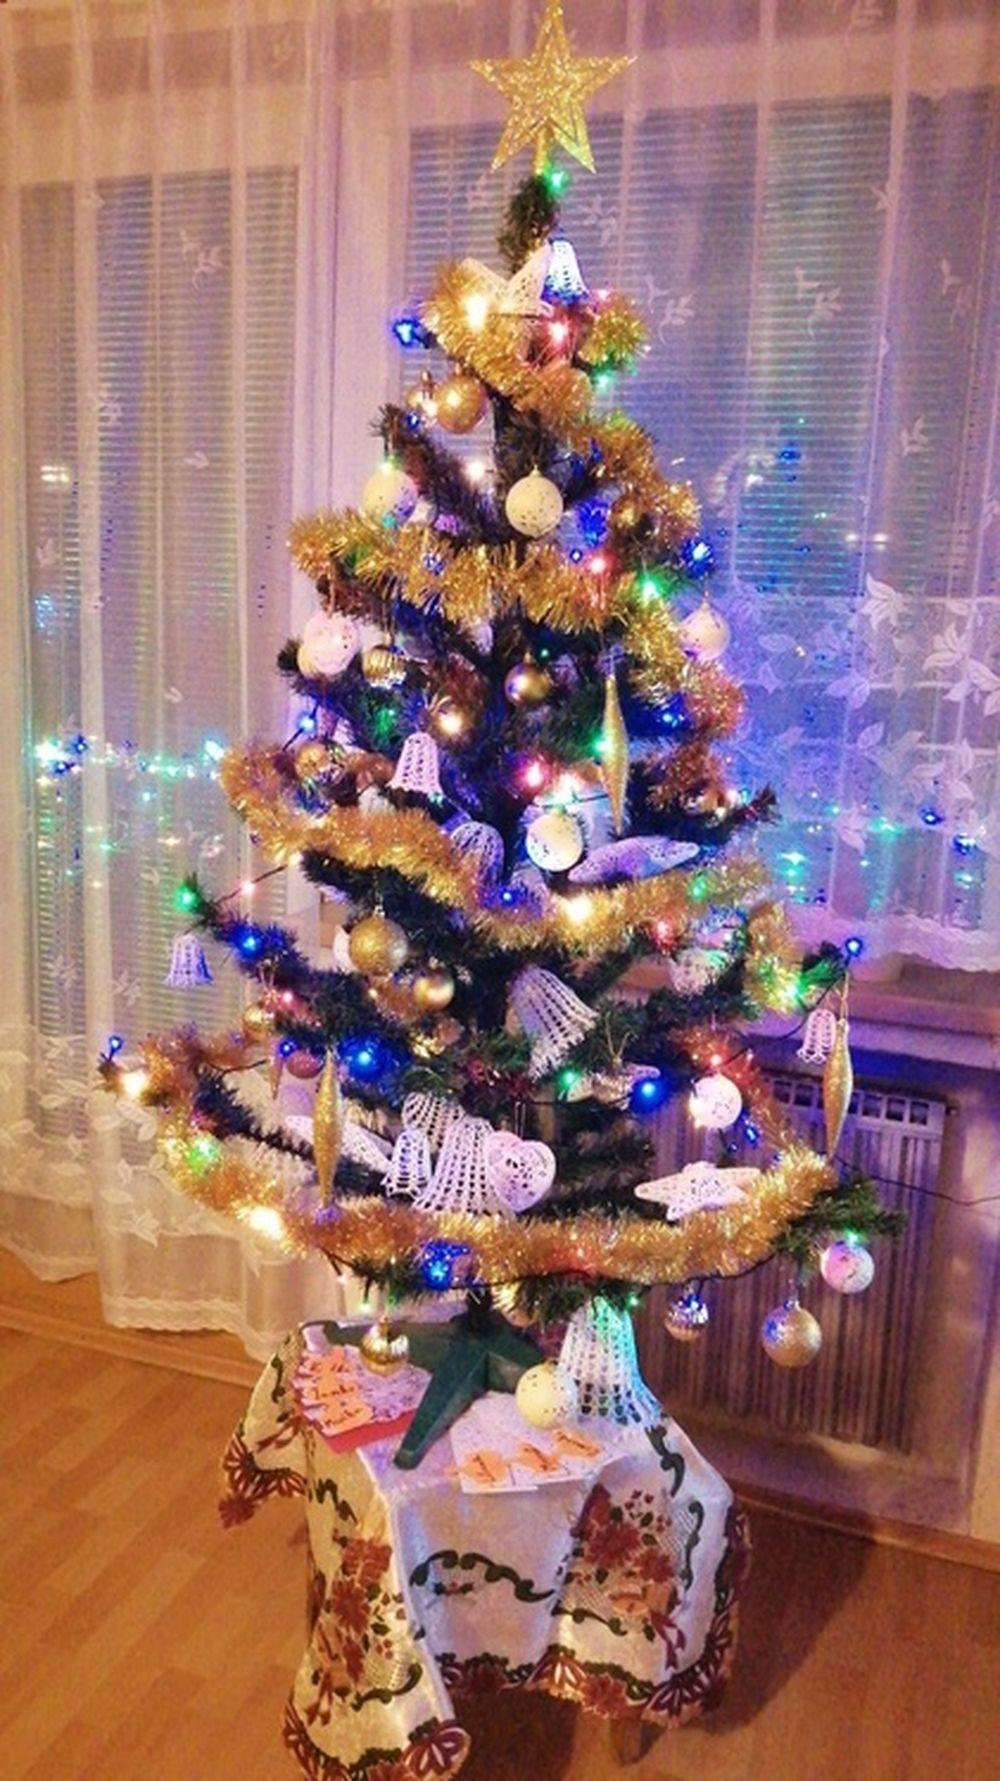 FOTO: Vianočné stromčeky v Žiline - výber fotografií našich čitateľov, foto 18